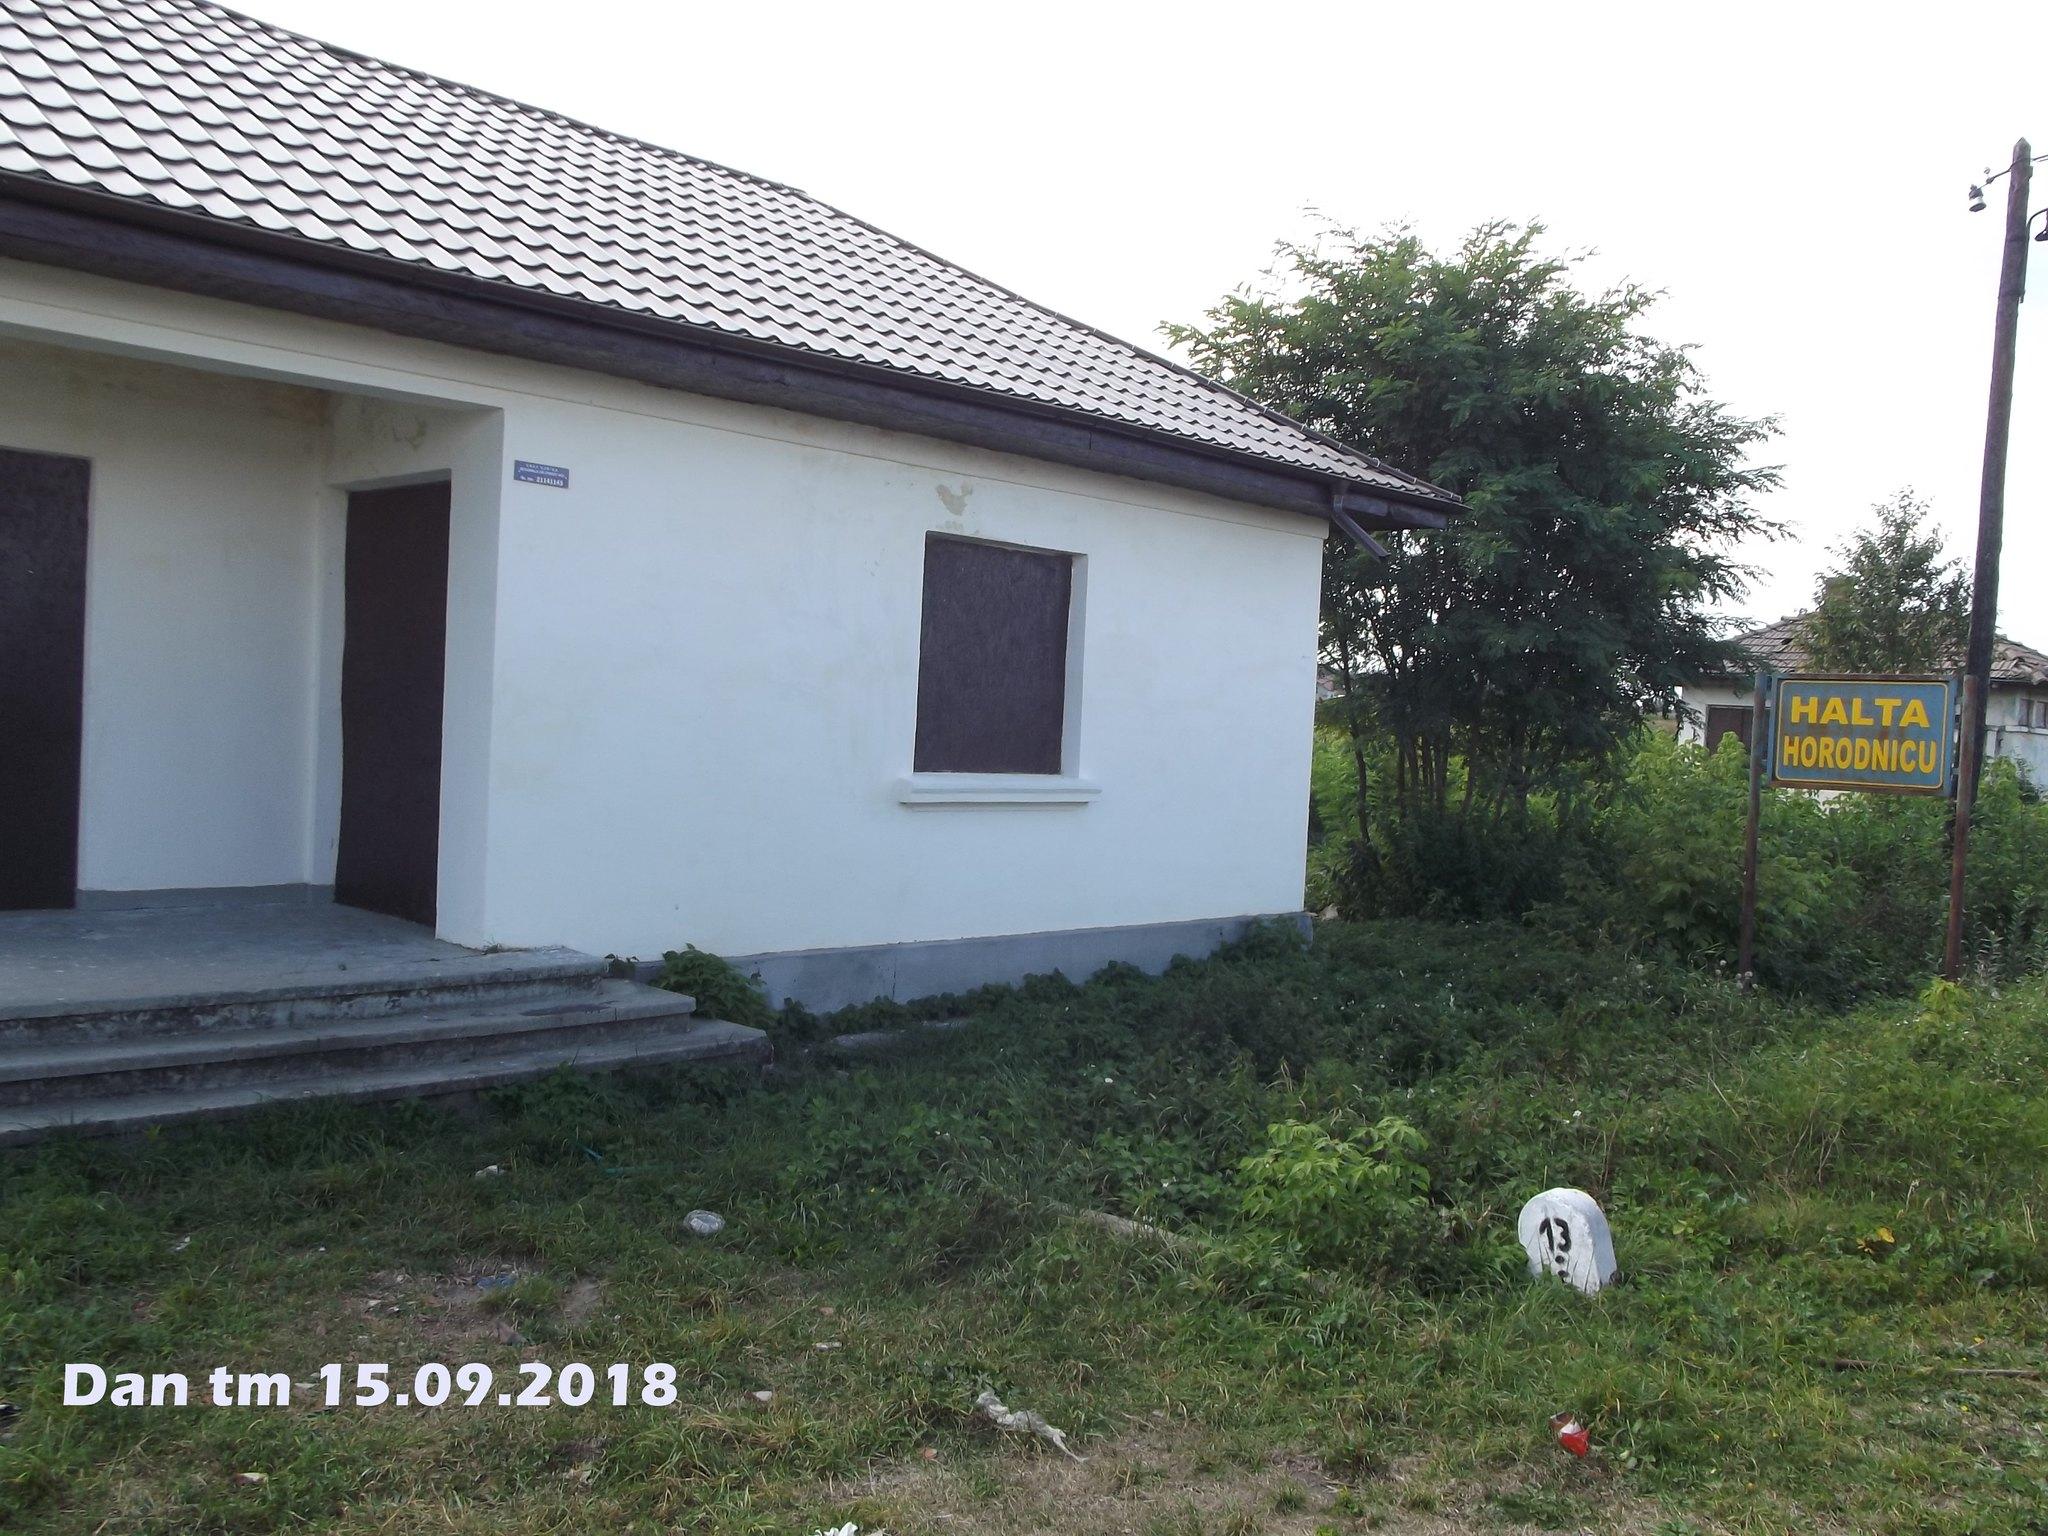 515 : Dorneşti - Gura Putnei - (Putna) - Nisipitu - Seletin UKR - Pagina 47 44734669471_136179c40b_k